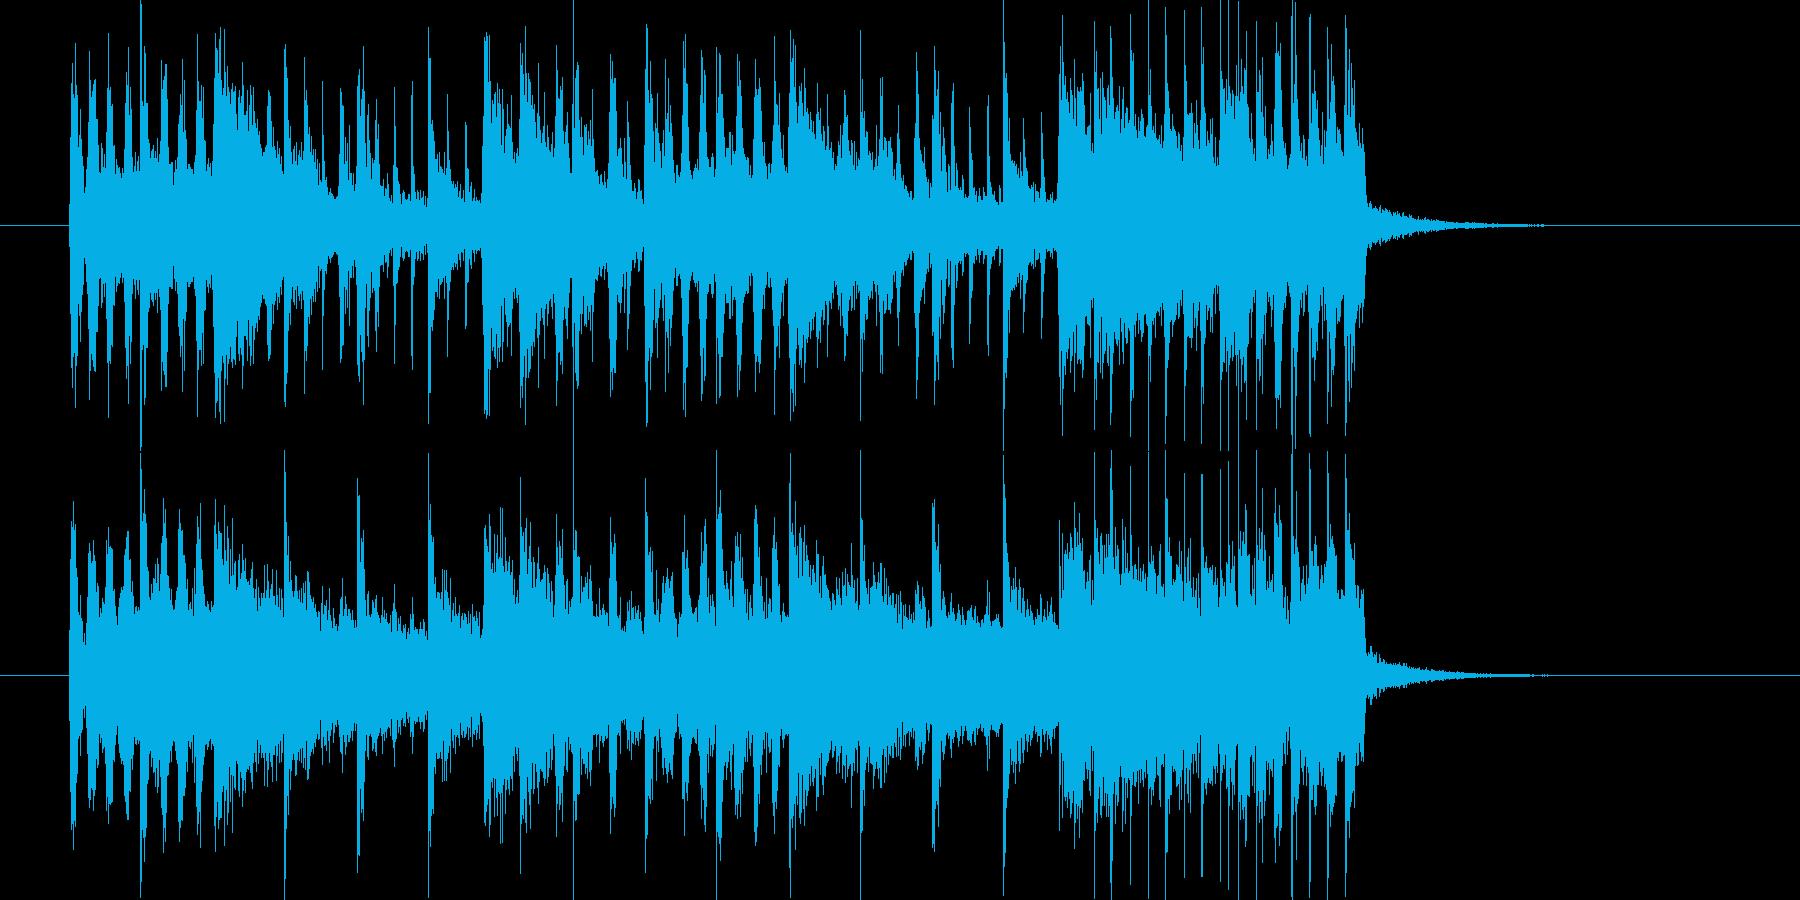 ワイルドとスピードのパンクロックジングルの再生済みの波形